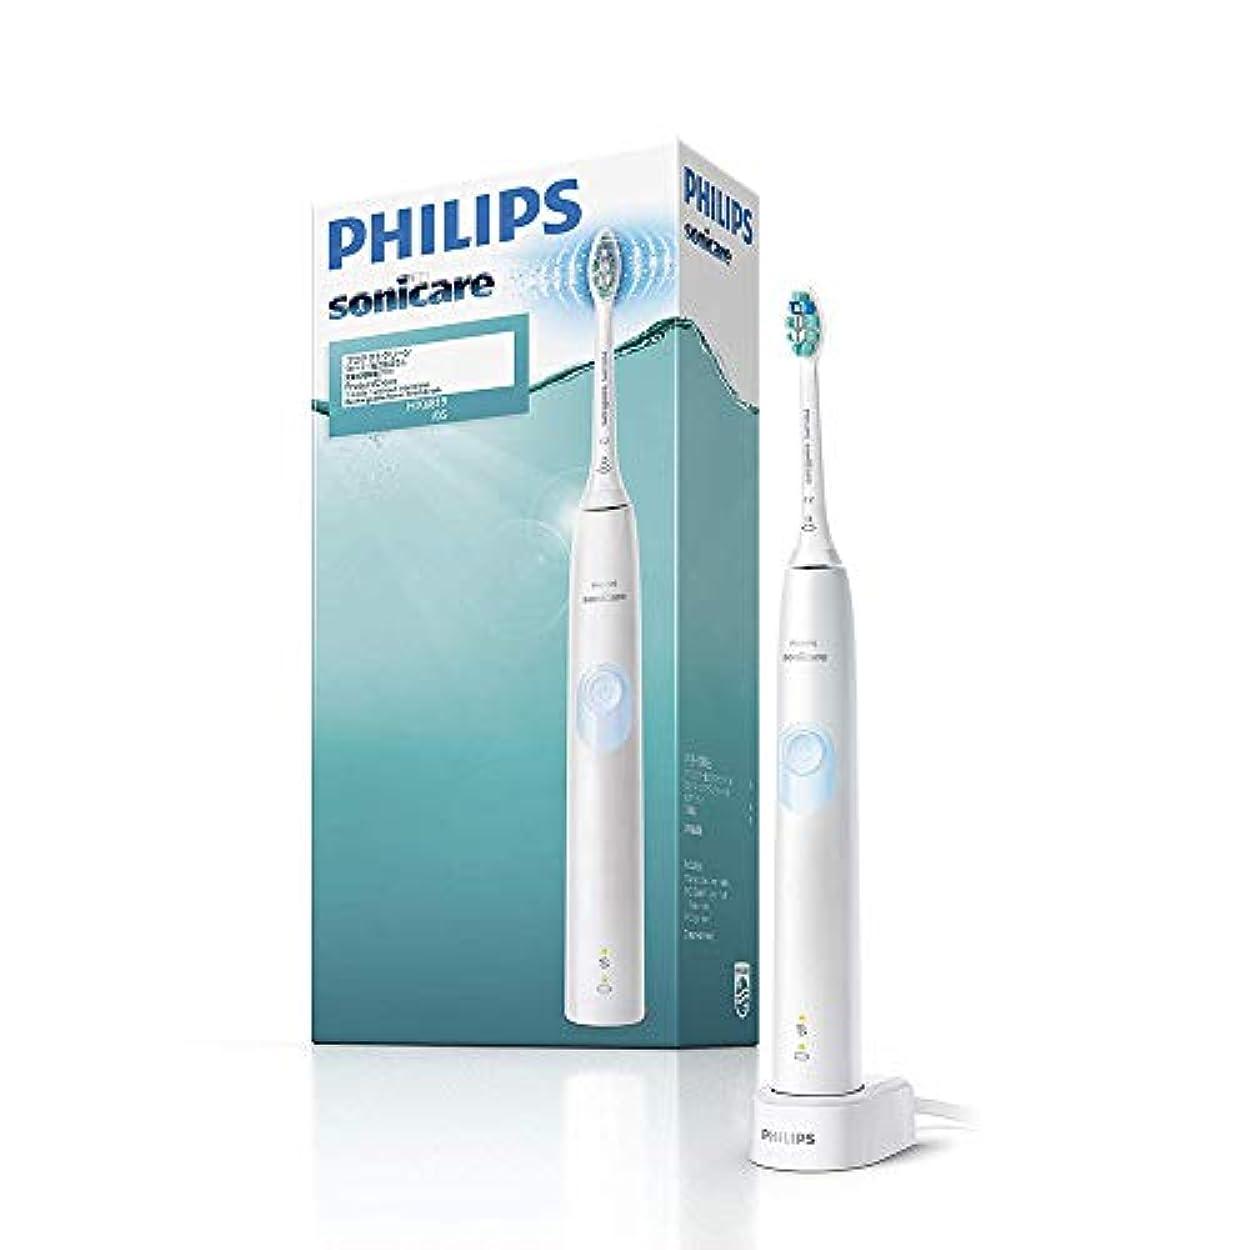 焼くプロジェクター要求【Amazon.co.jp限定】フィリップス ソニッケアー プロテクトクリーン ホワイトライトブルー 電動歯ブラシ 強さ設定なし HX6819/05